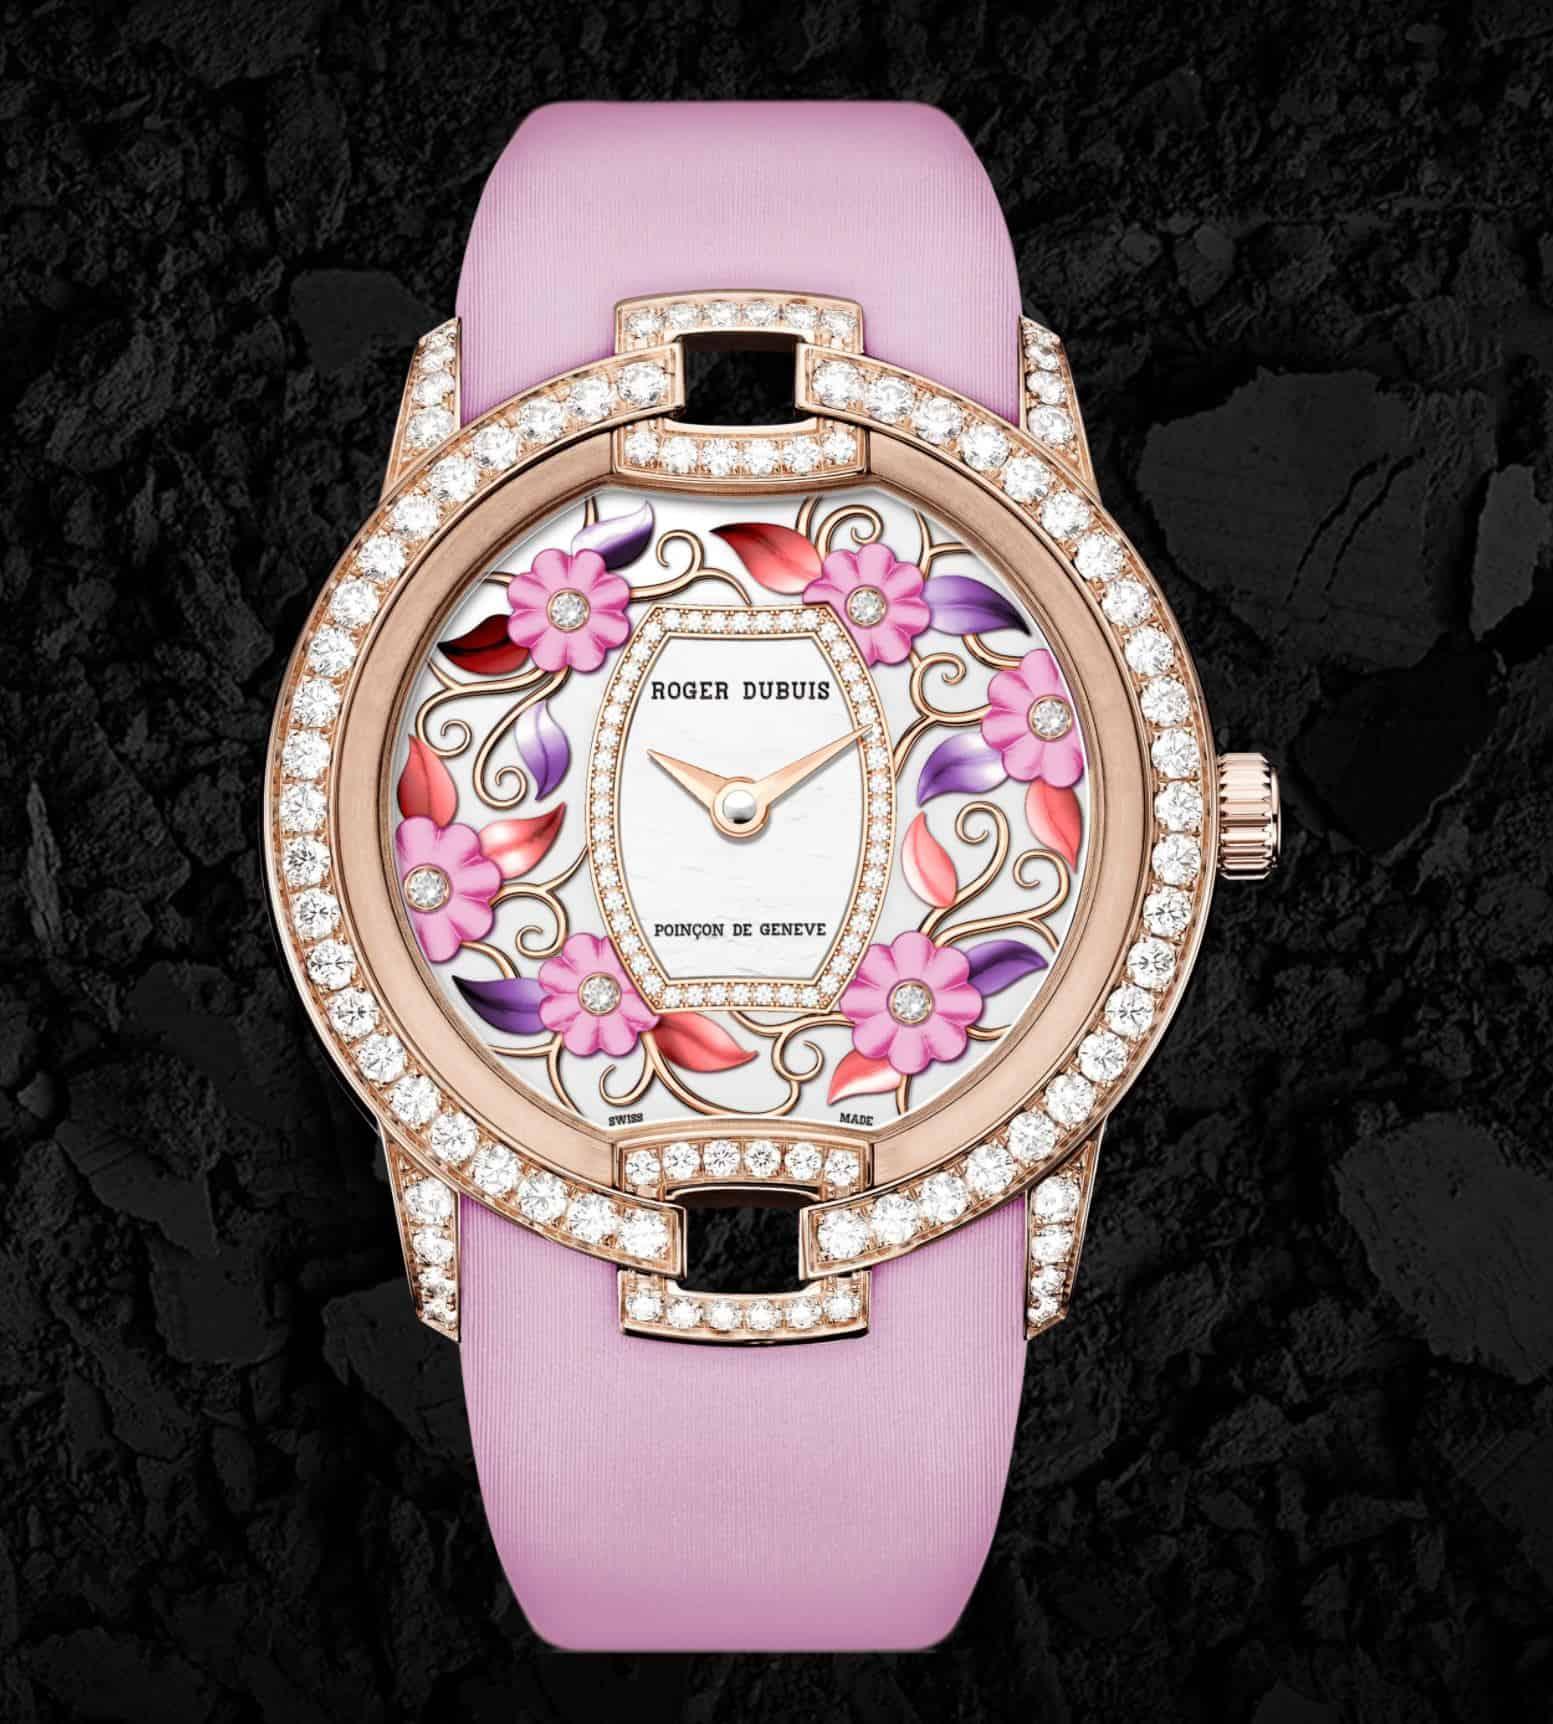 Roger Dubuis Velvet Pink Gold